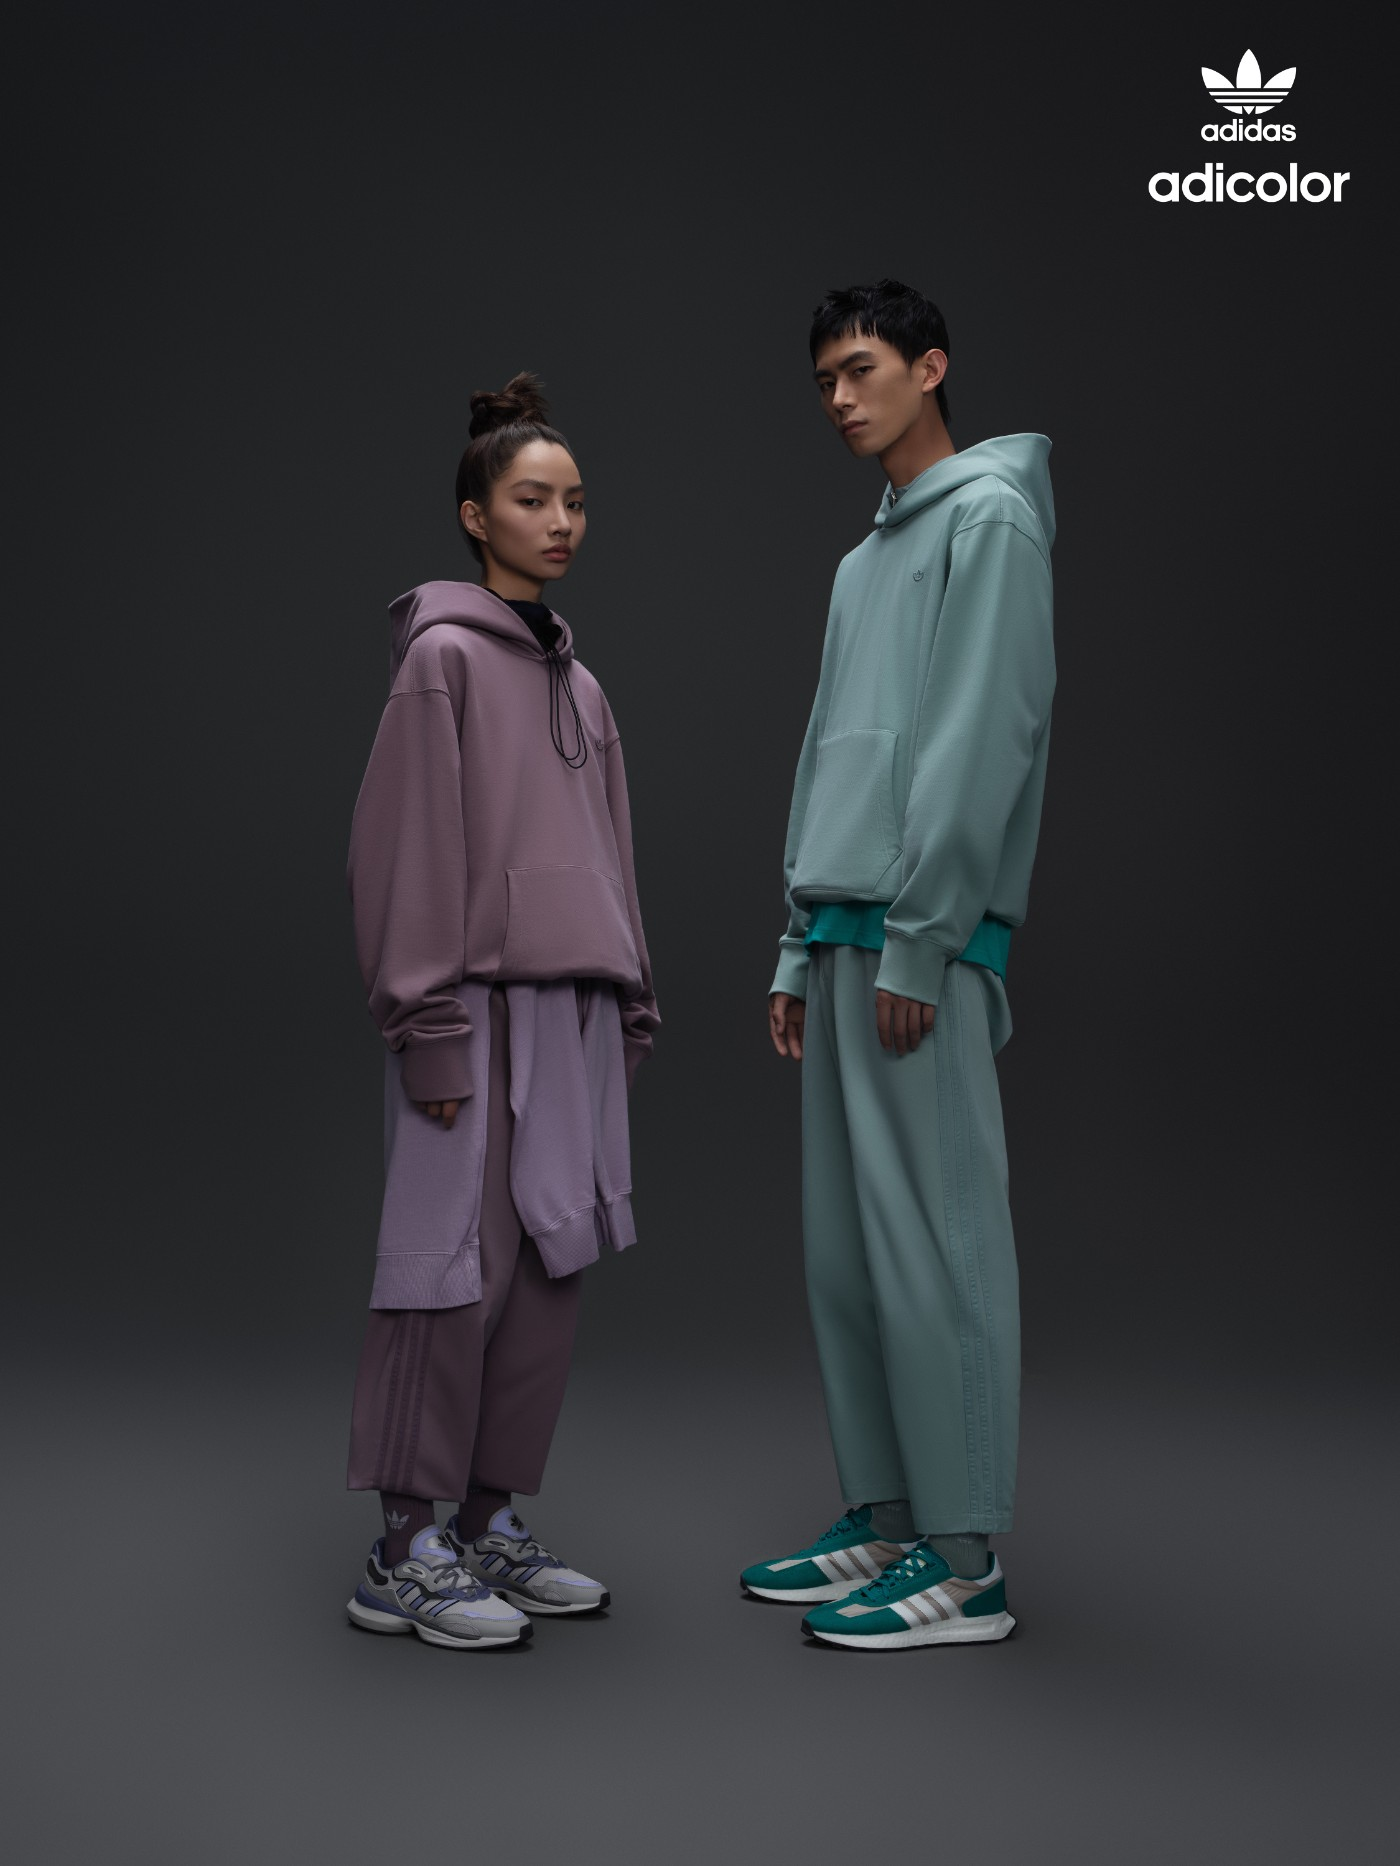 玩转,调色板,adidas,Originals,作为,历久,  玩转调色板!全新 adidas adicolor 系列现已发售!